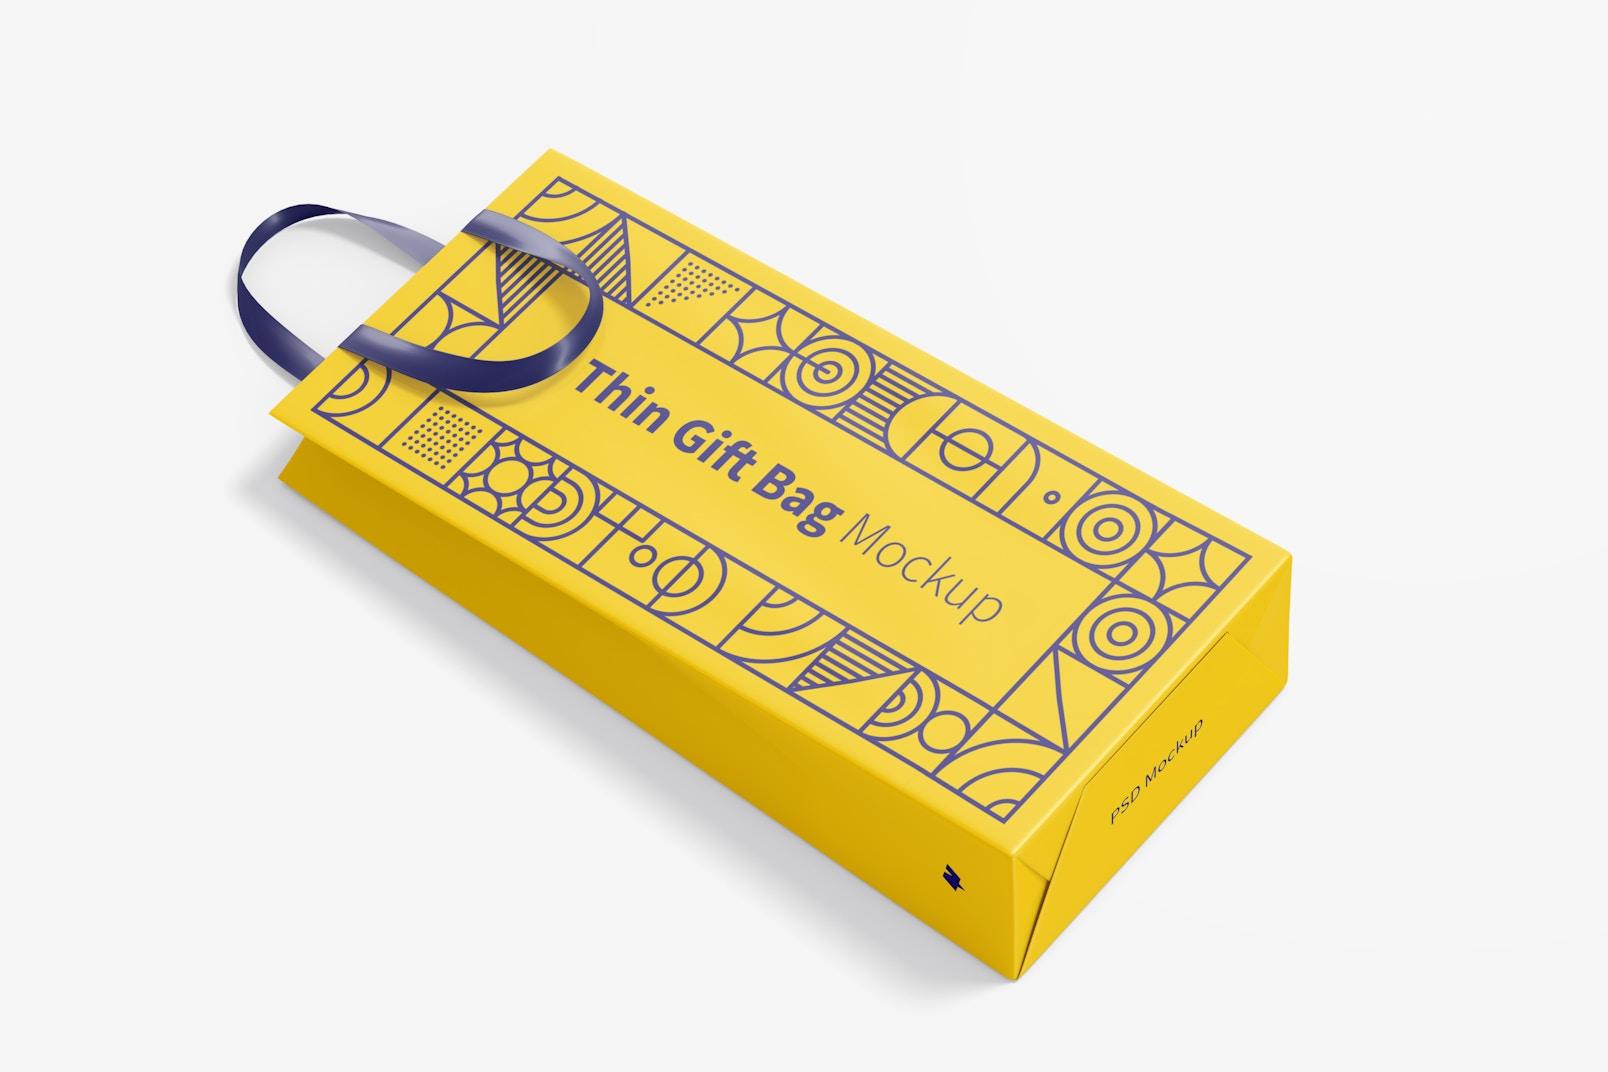 Thin Gift Bag with Ribbon Handle Mockup, Top View